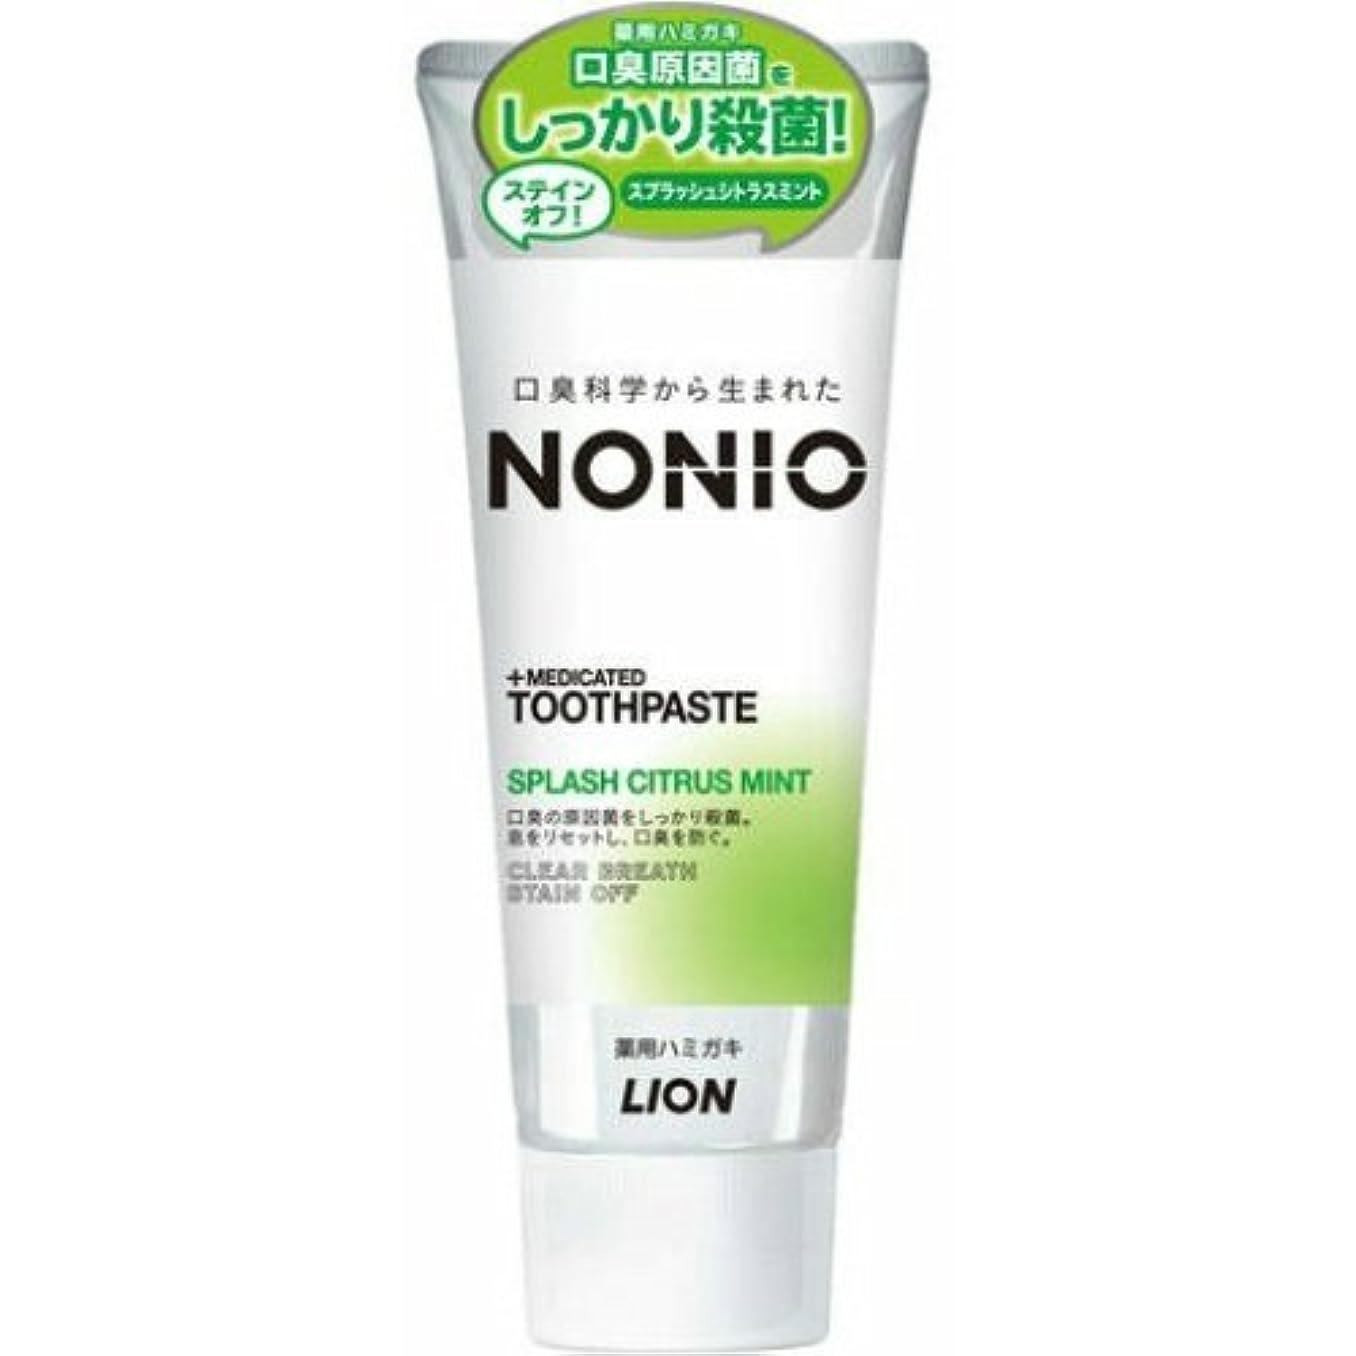 LION ライオン ノニオ NONIO 薬用ハミガキ スプラッシュシトラスミント 130g 医薬部外品 ×060点セット(4903301259312)